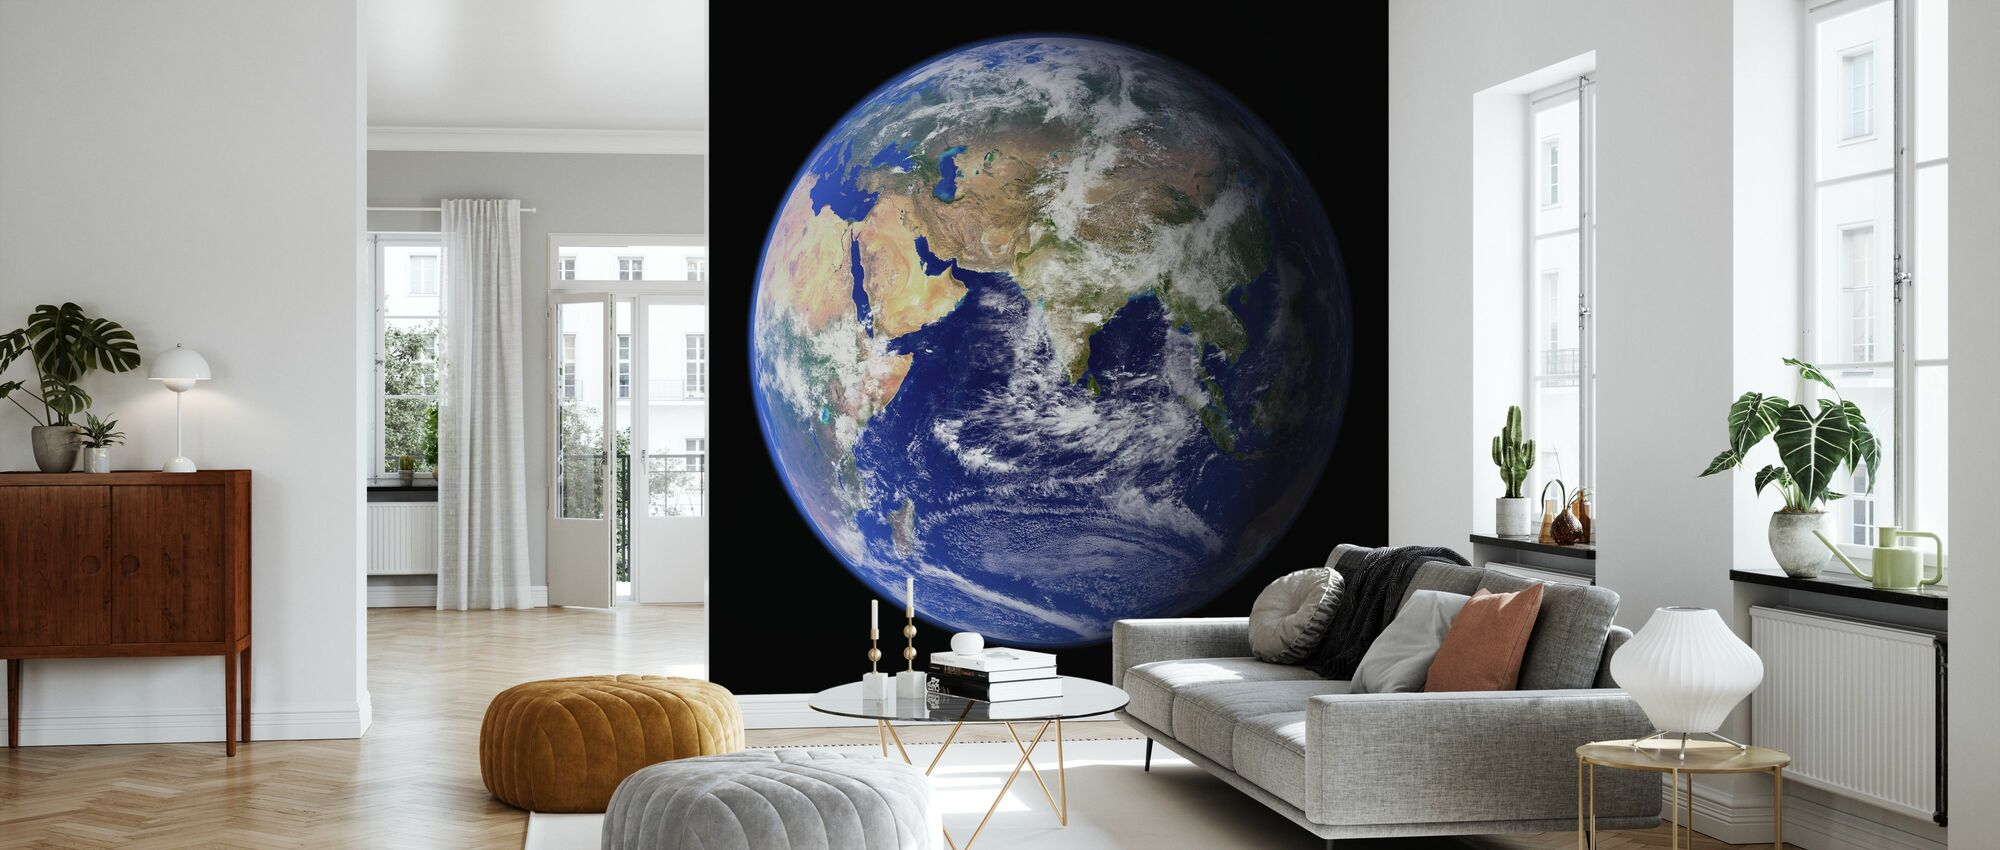 Erde - Tapete - Wohnzimmer